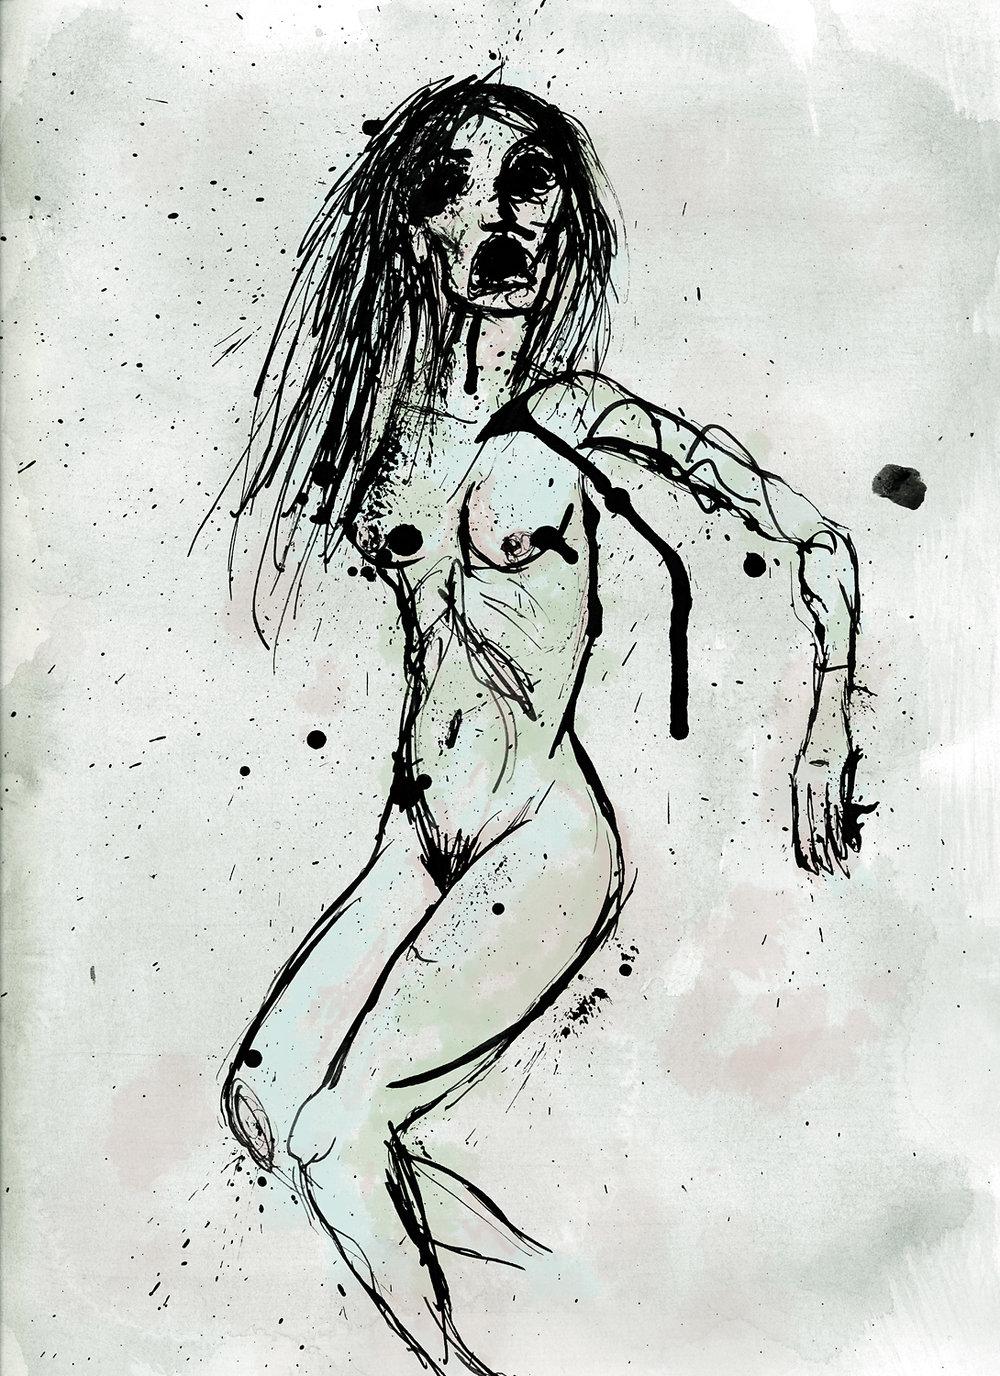 Screaming-Nude-(Web-Version).jpg